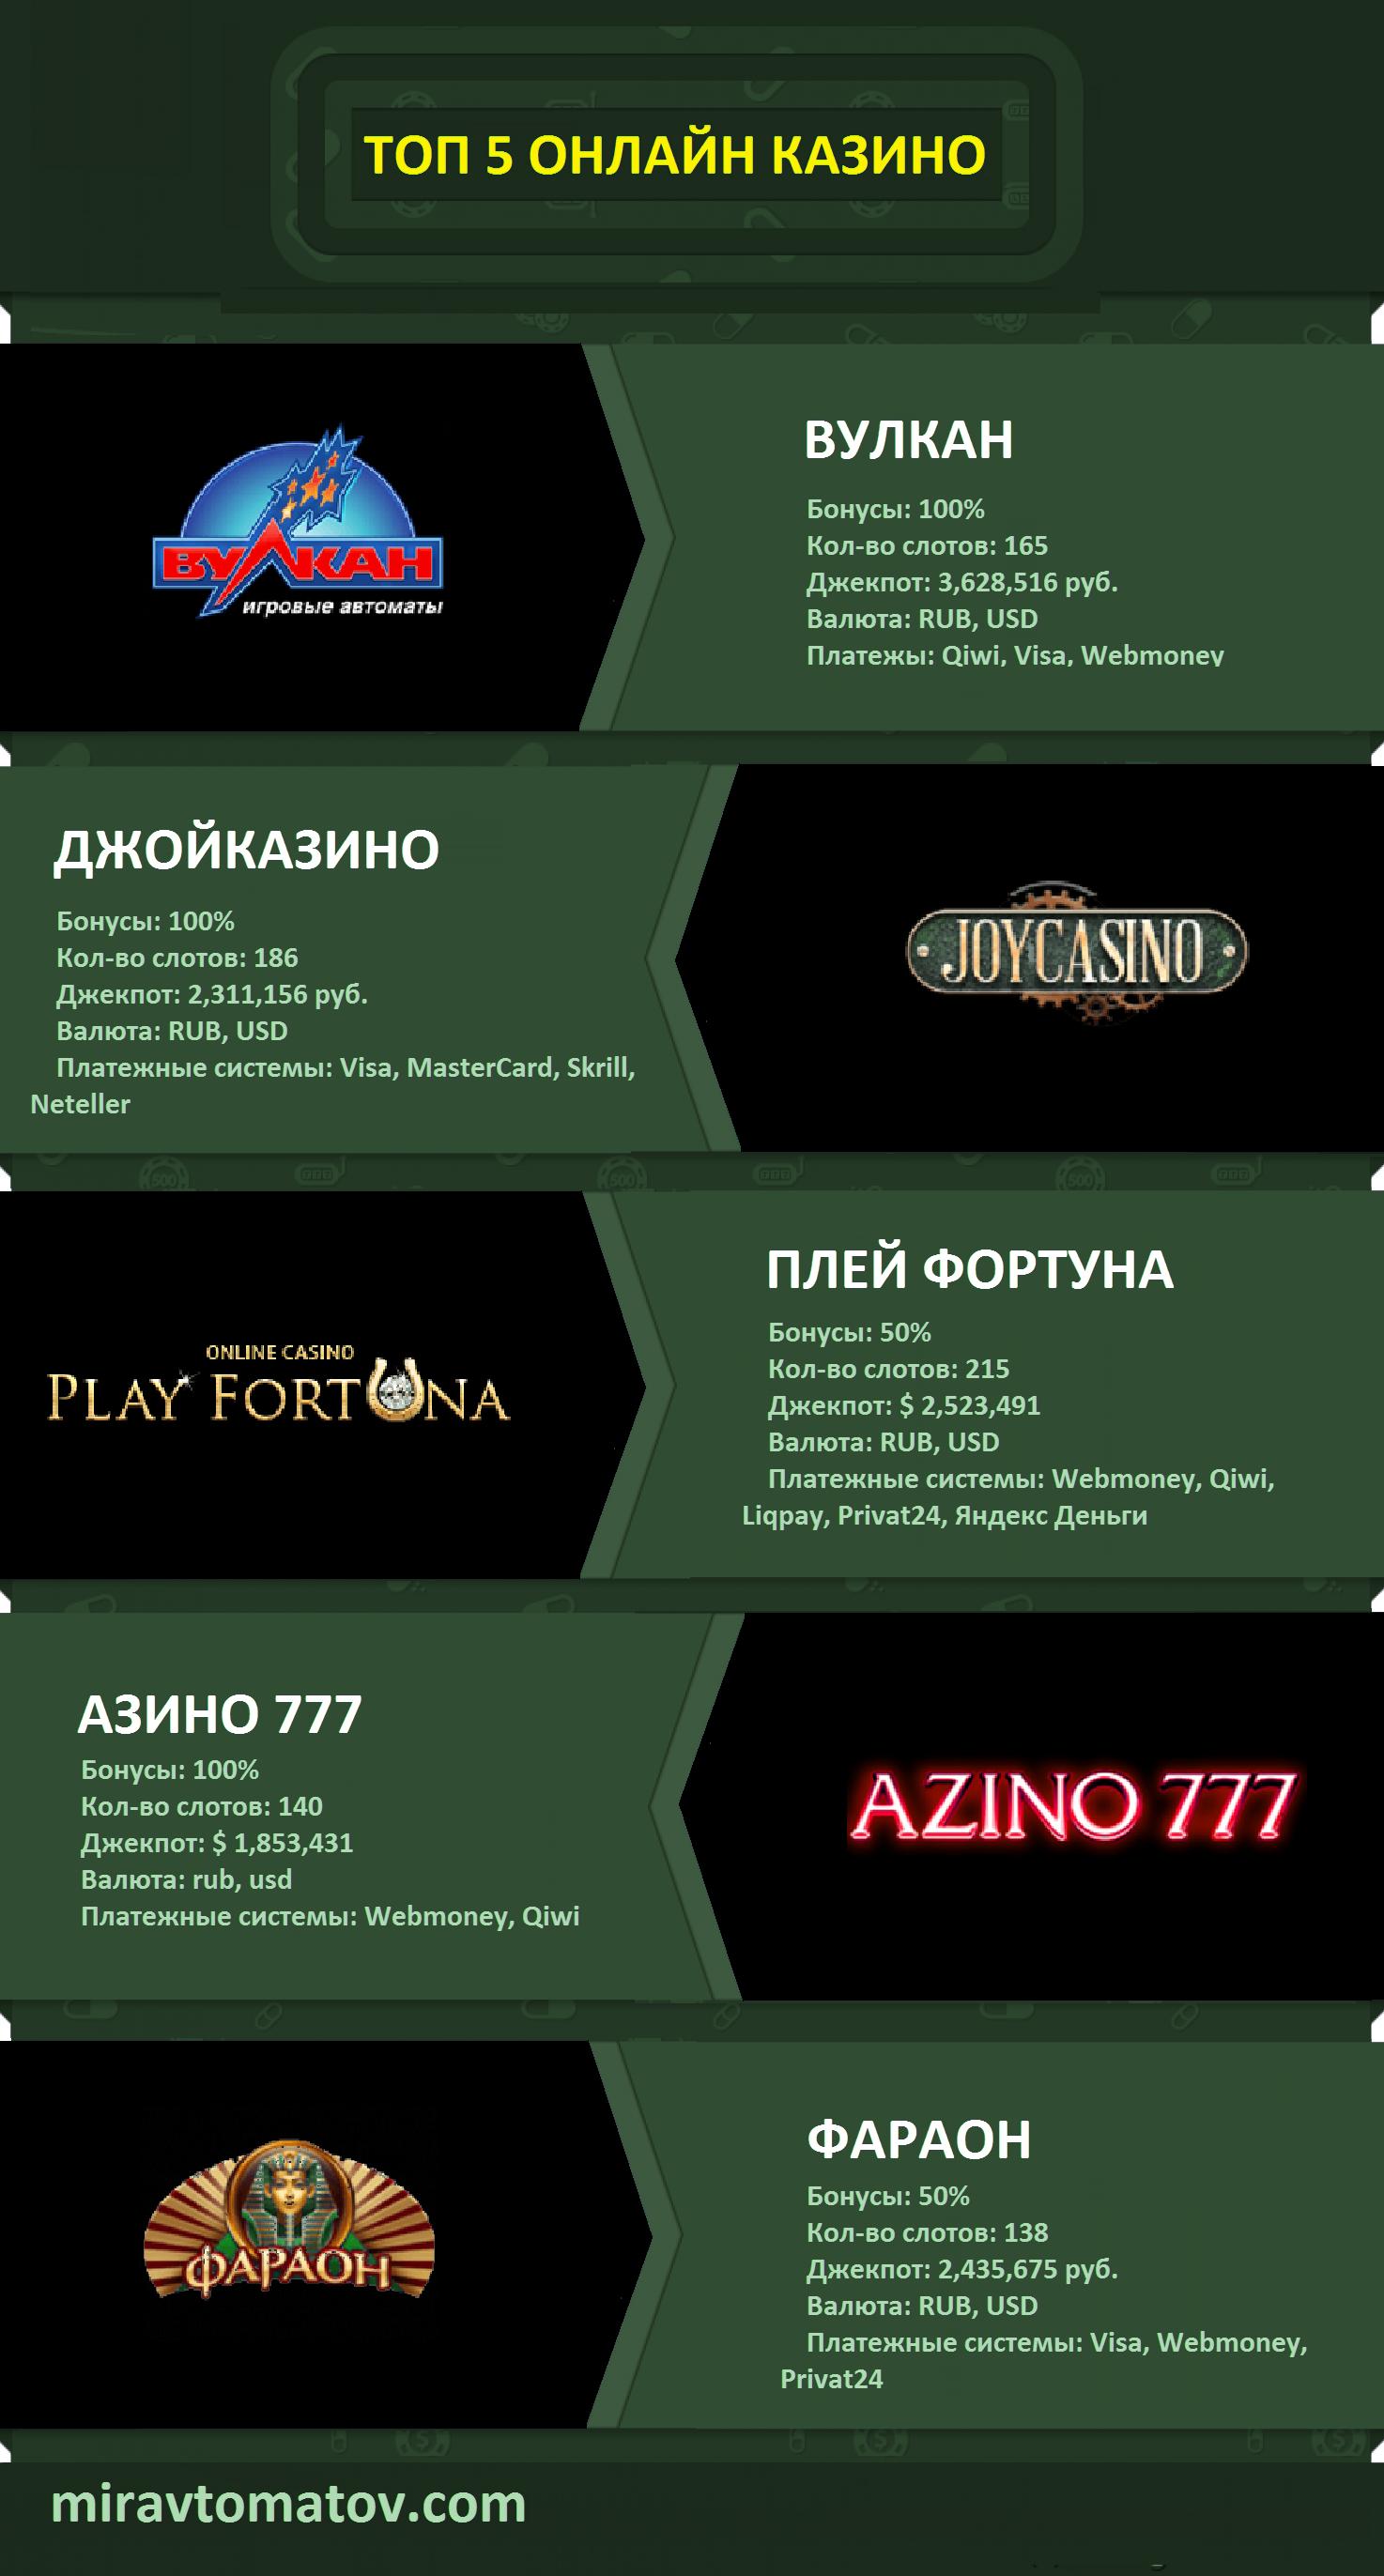 Игровые автоматы вулкан бесплатно и регистрации играть сейчас